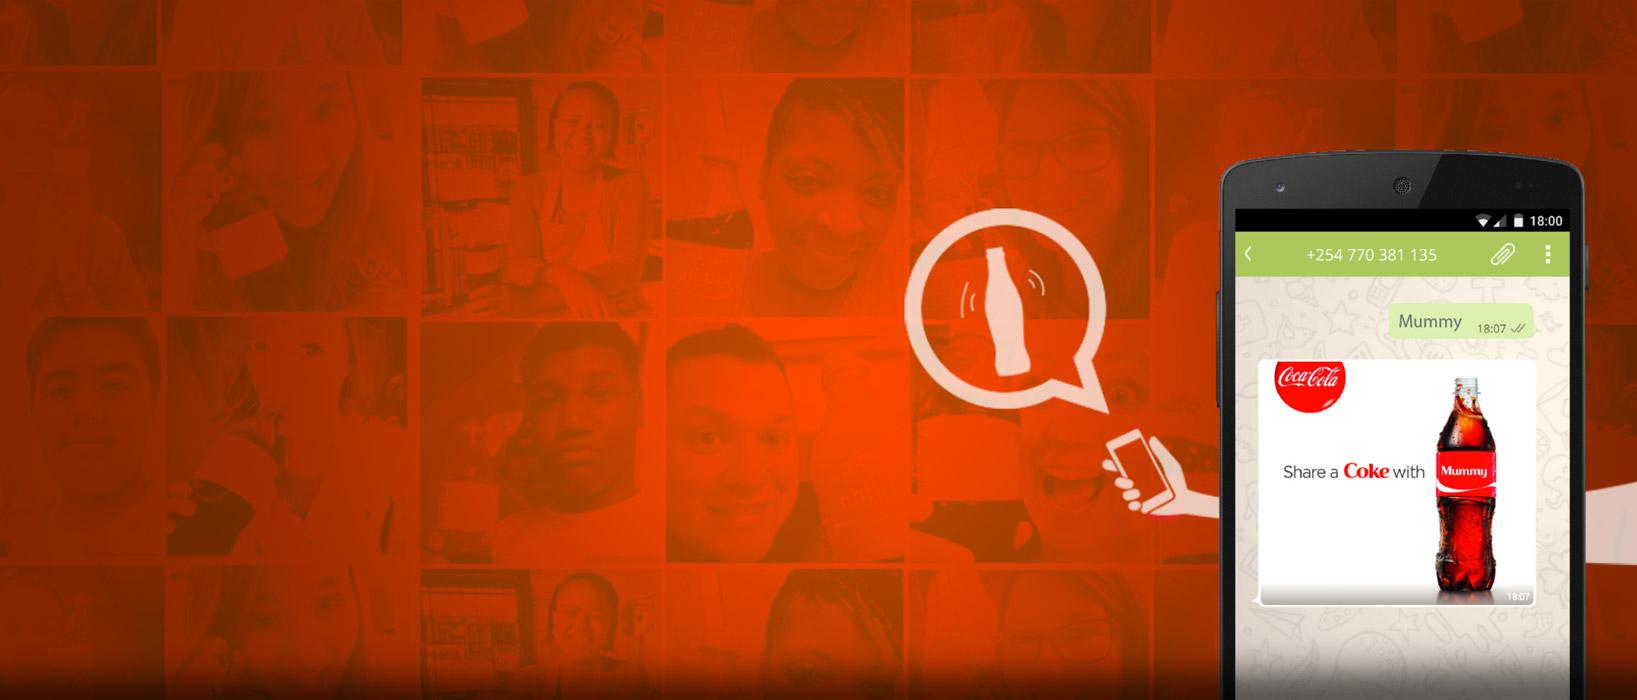 Campaña de whatsapp marketing de Coca Cola super personal